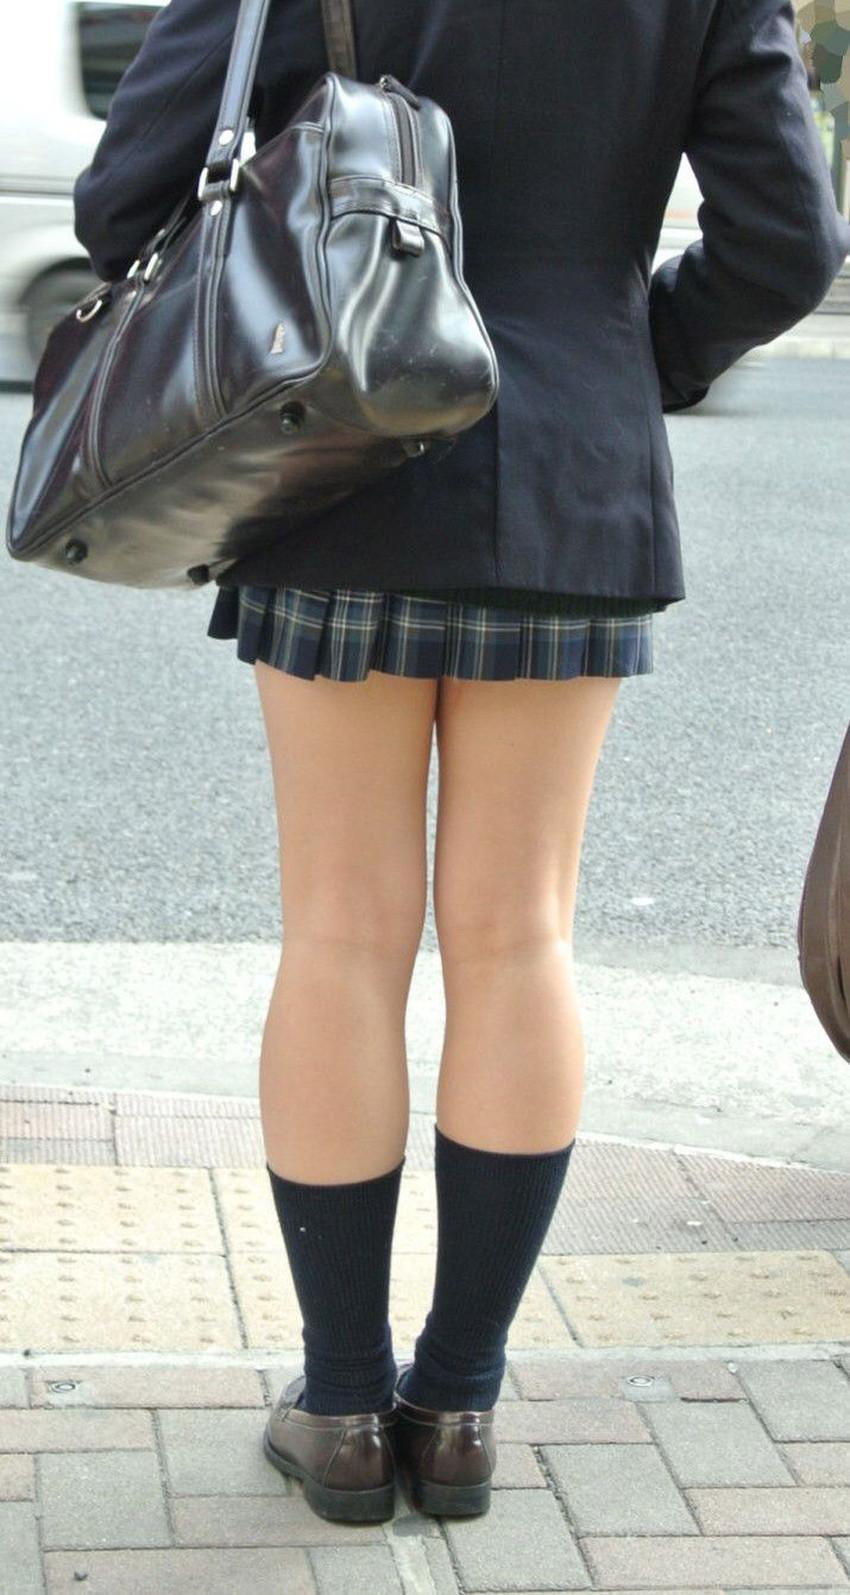 【膝裏フェチエロ画像】美少女JKや美脚お姉さんの膝裏は国宝級のエロさ!ww膝裏やもも裏を舐めてちんぽを擦りつけてる膝裏フェチのエロ画像集!ww【80枚】 15